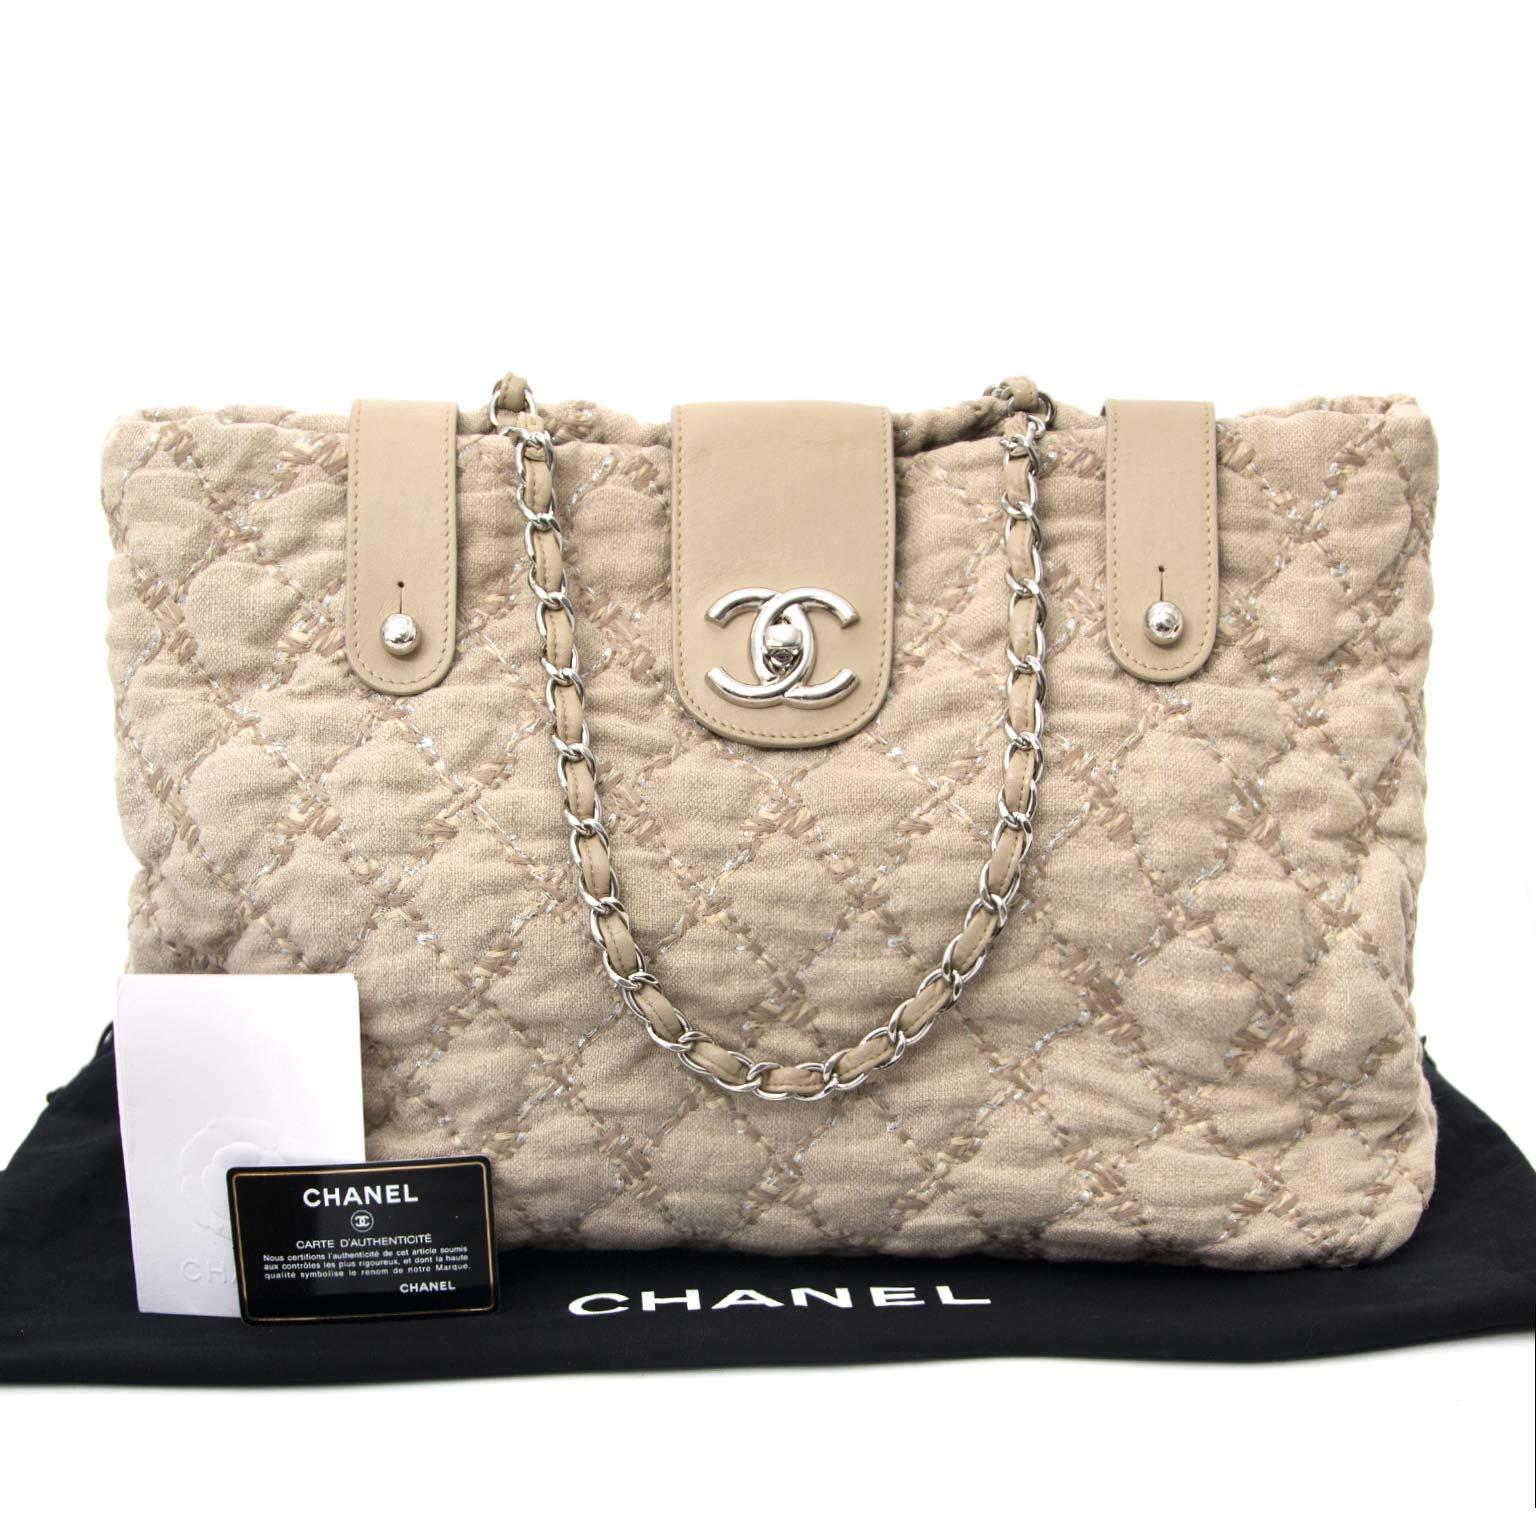 Achetez en ligne Chanel Beige Quilted Tweed Shopping Tote à un bon prix chez Labellov à Anvers